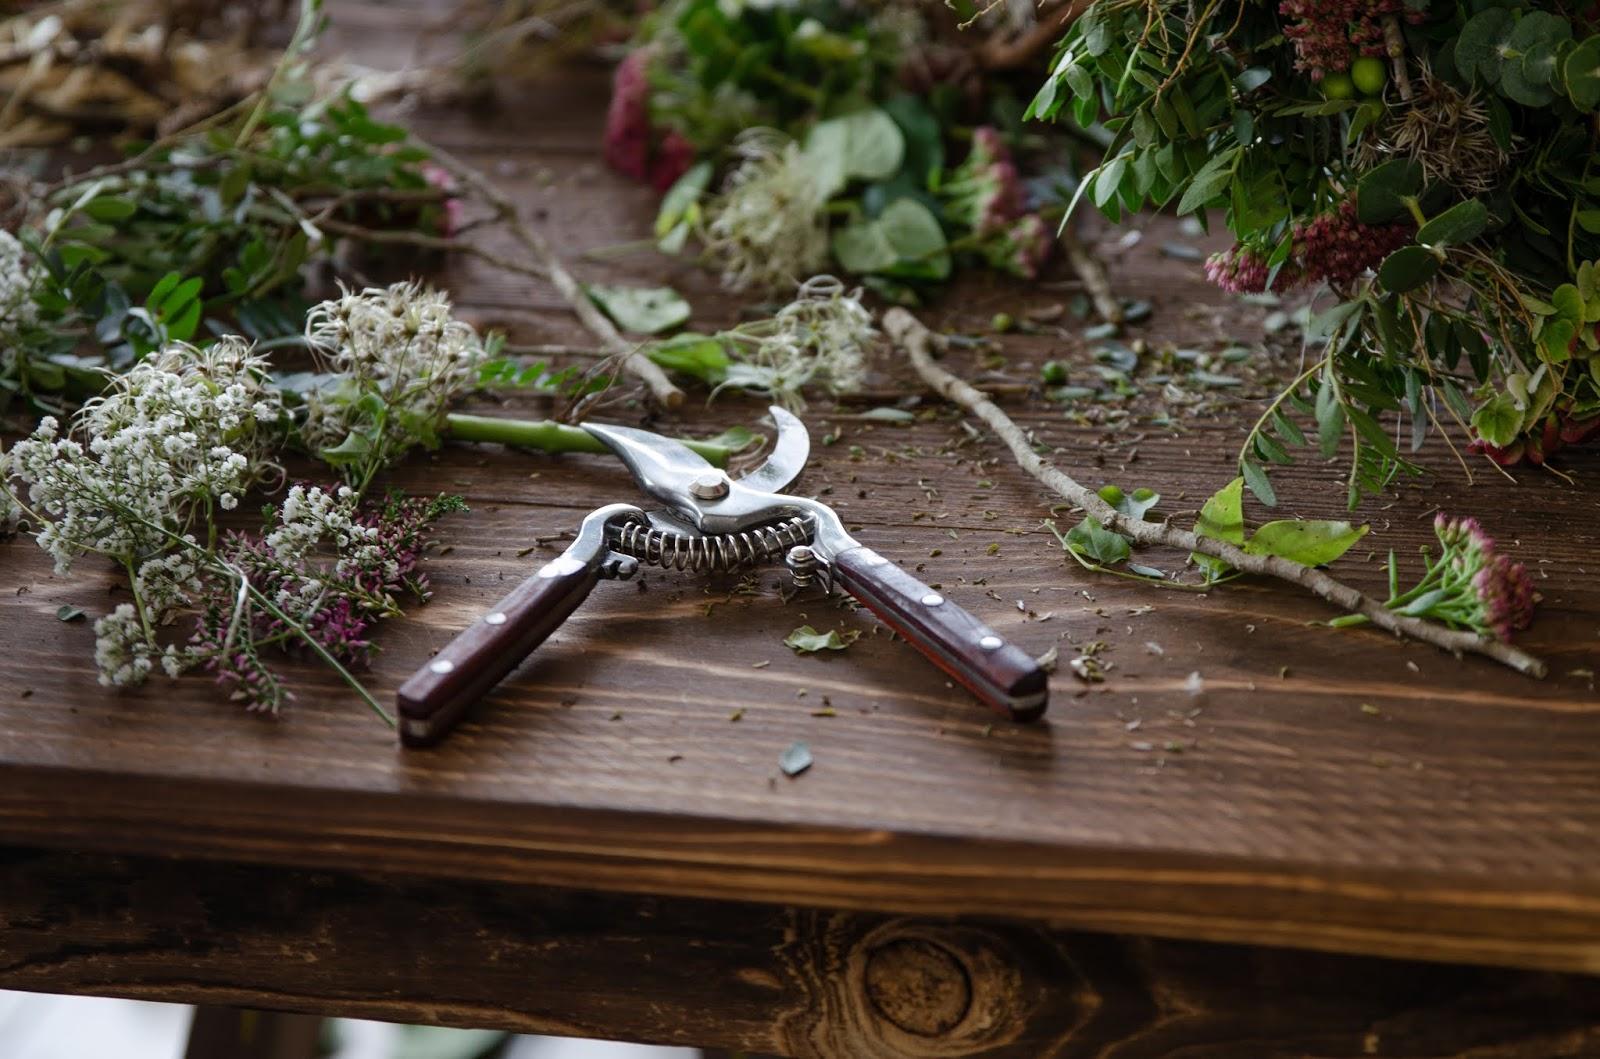 Mit Naturmaterialien gestalten Tischdeko für den Herbst mit Mohnkapseln und Hagebutten. Dekoidee herbstlich dekorieren